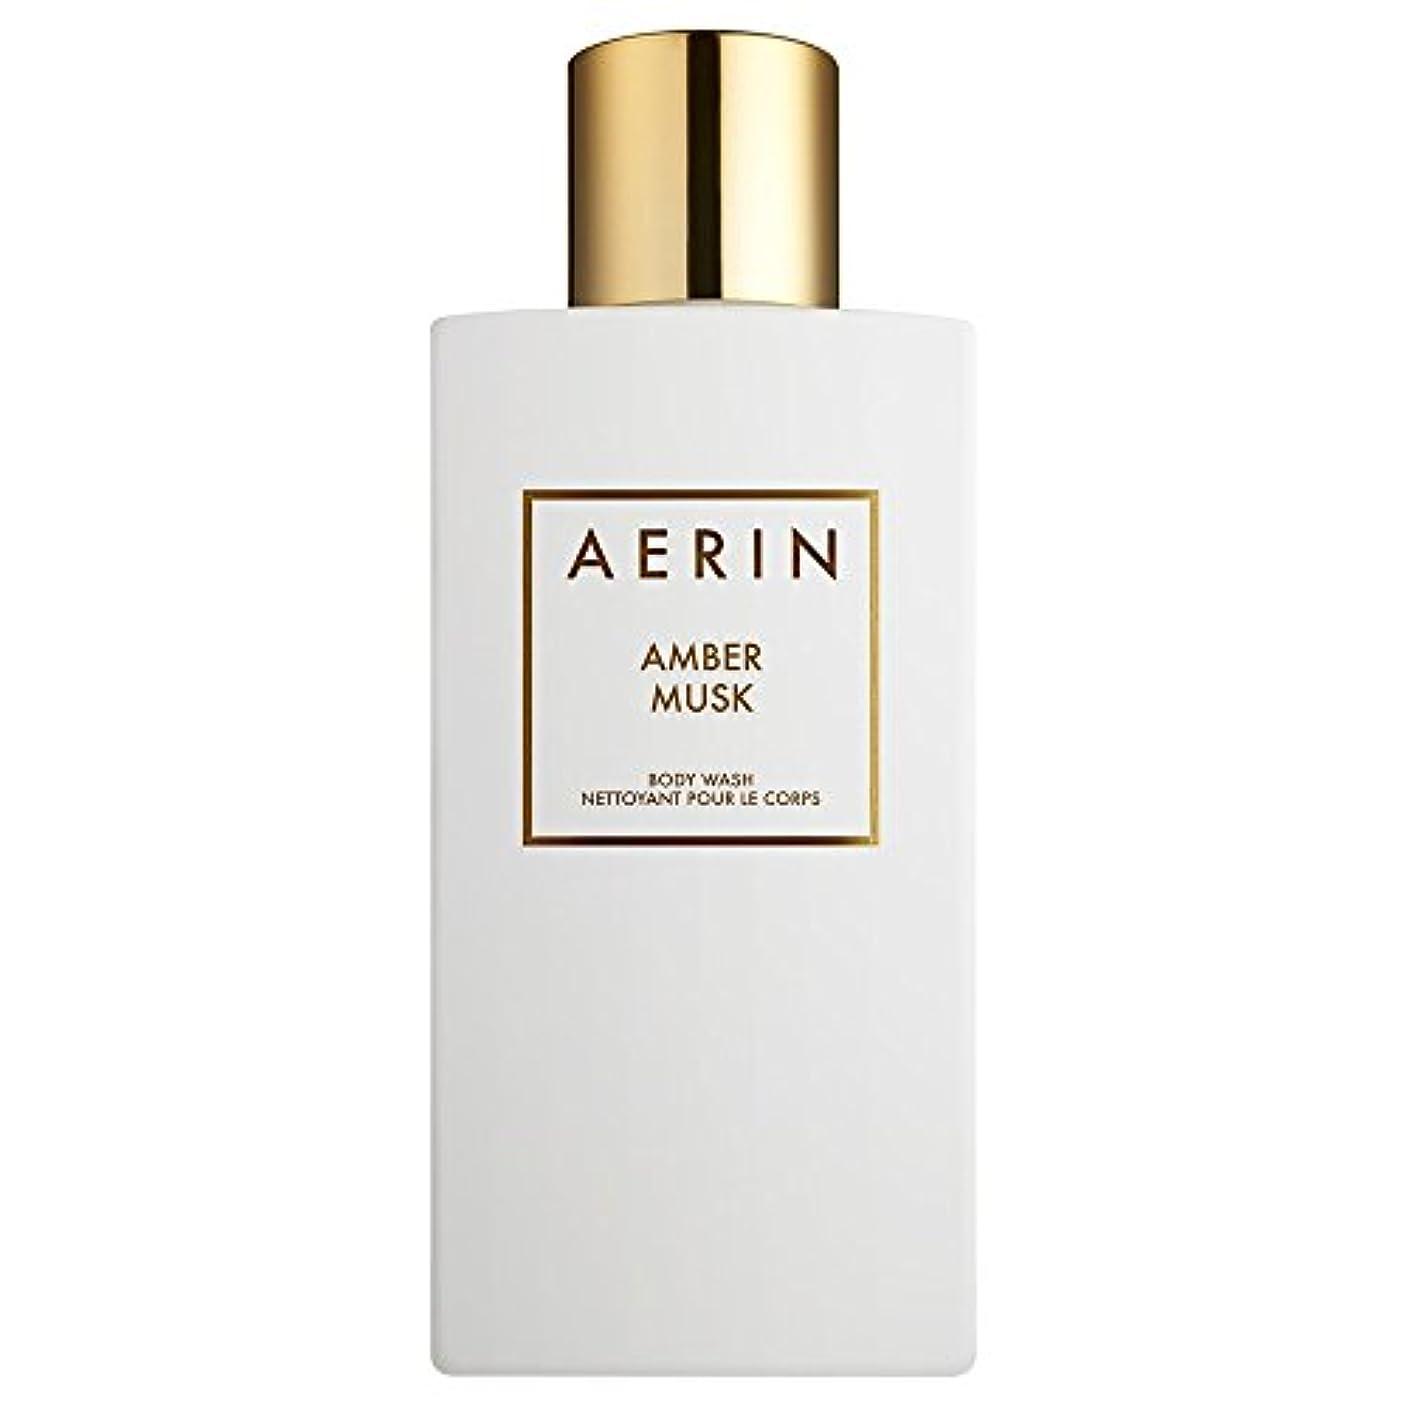 海岸標準日Aerinアンバームスクボディウォッシュ225ミリリットル (AERIN) (x6) - AERIN Amber Musk Bodywash 225ml (Pack of 6) [並行輸入品]